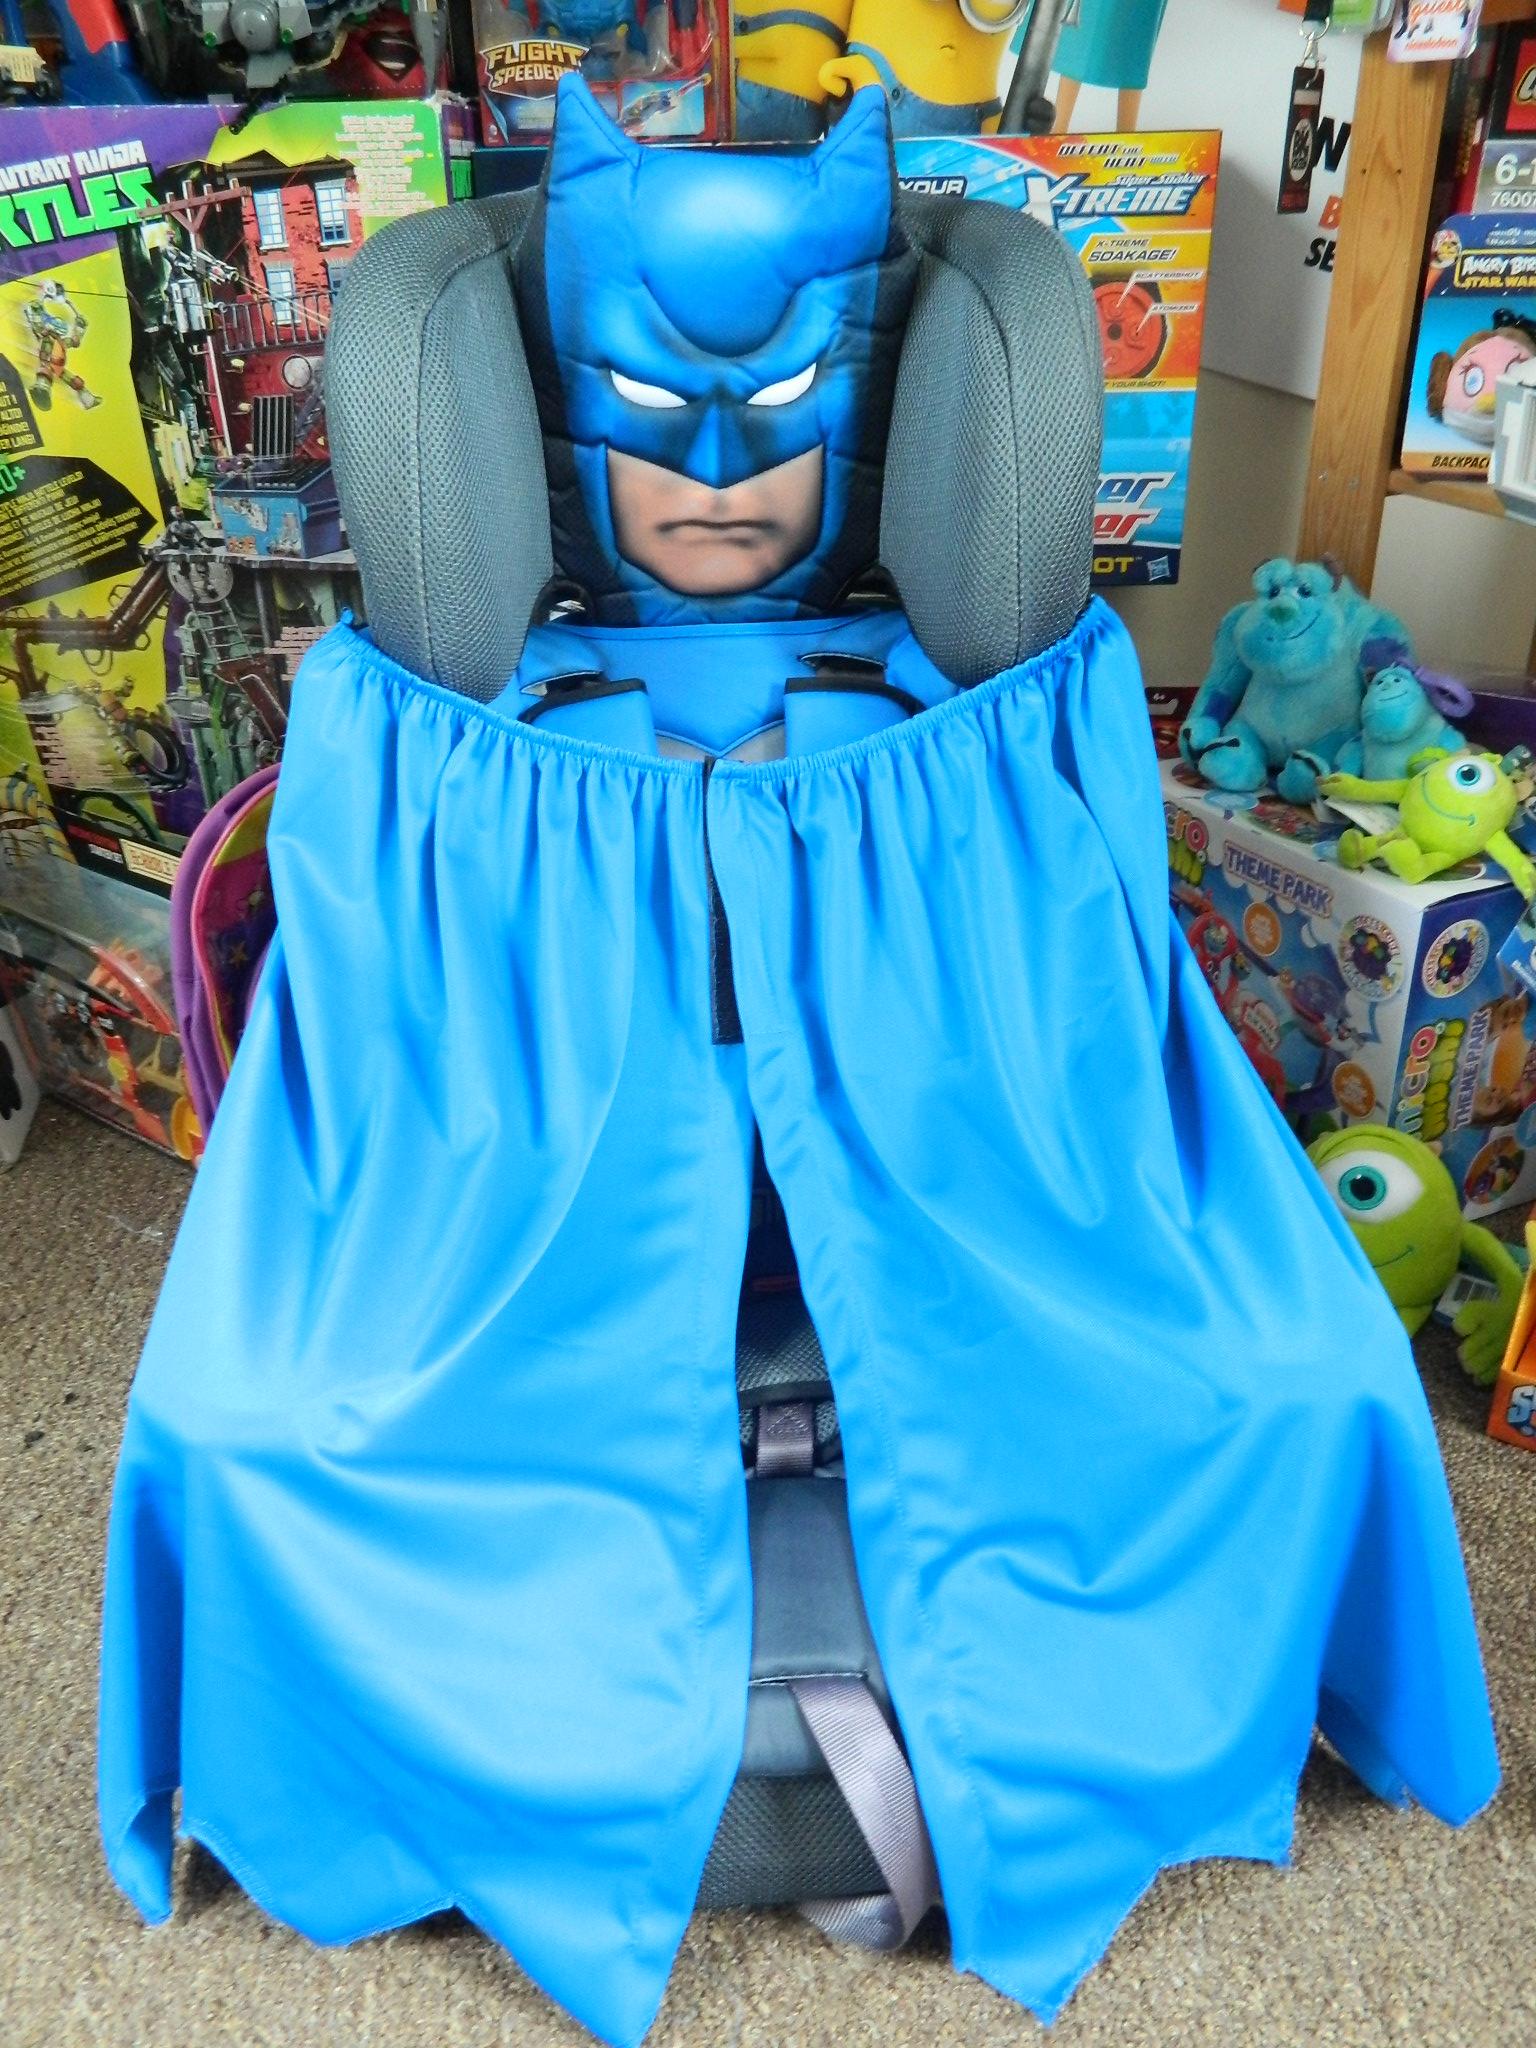 Batman Deluxe car seat